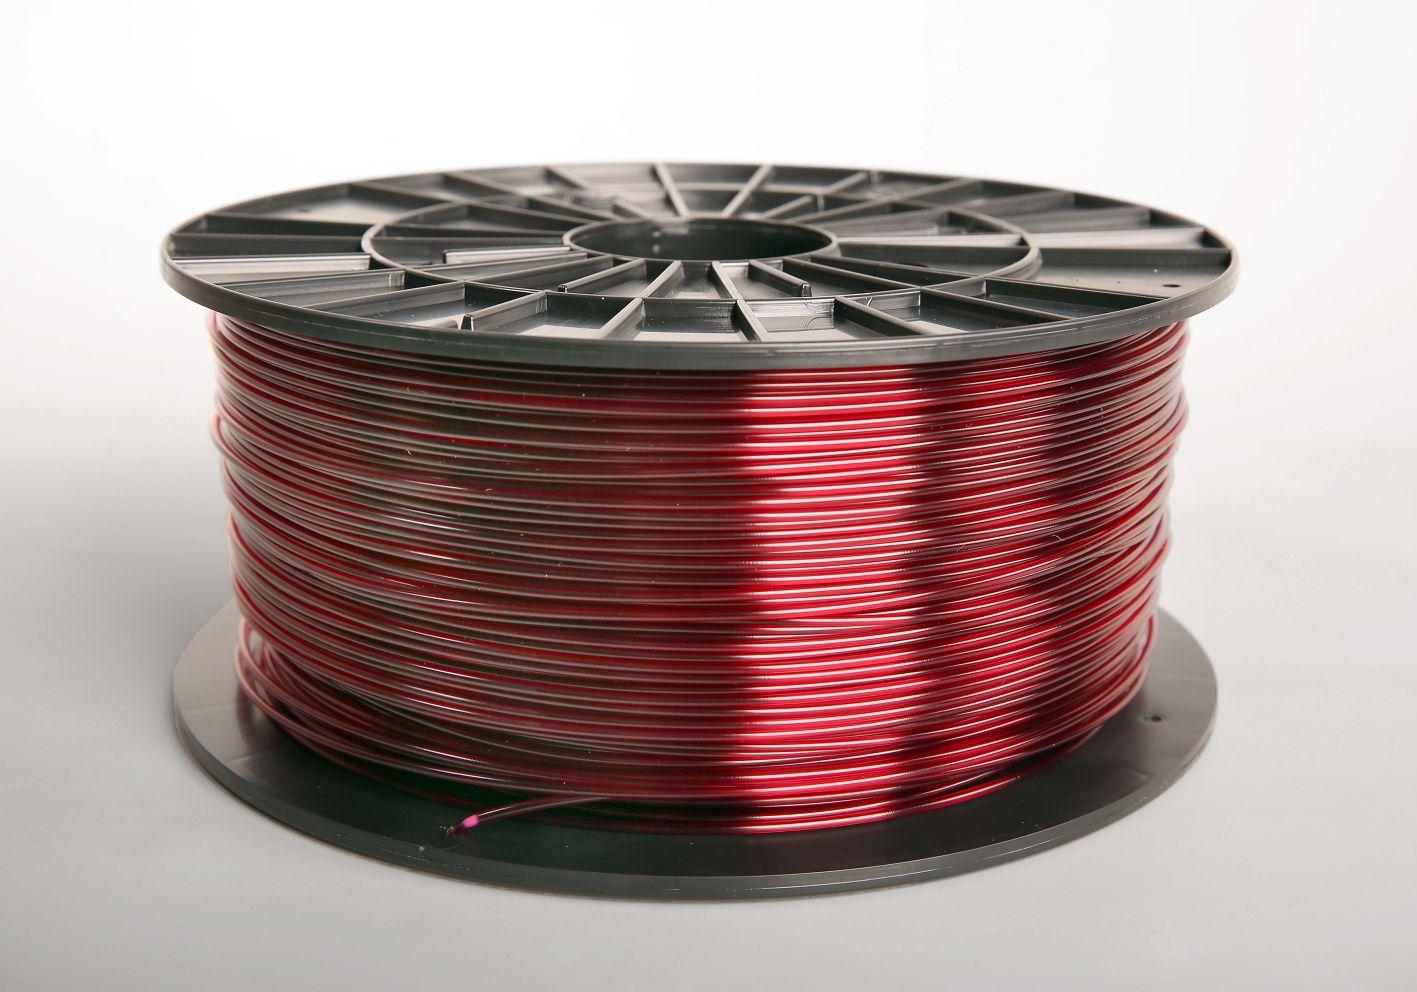 Filament-PM Tlačová struna ABS-T, 1.75mm, 1kg - rôzne farby Farba: Transparentná červená